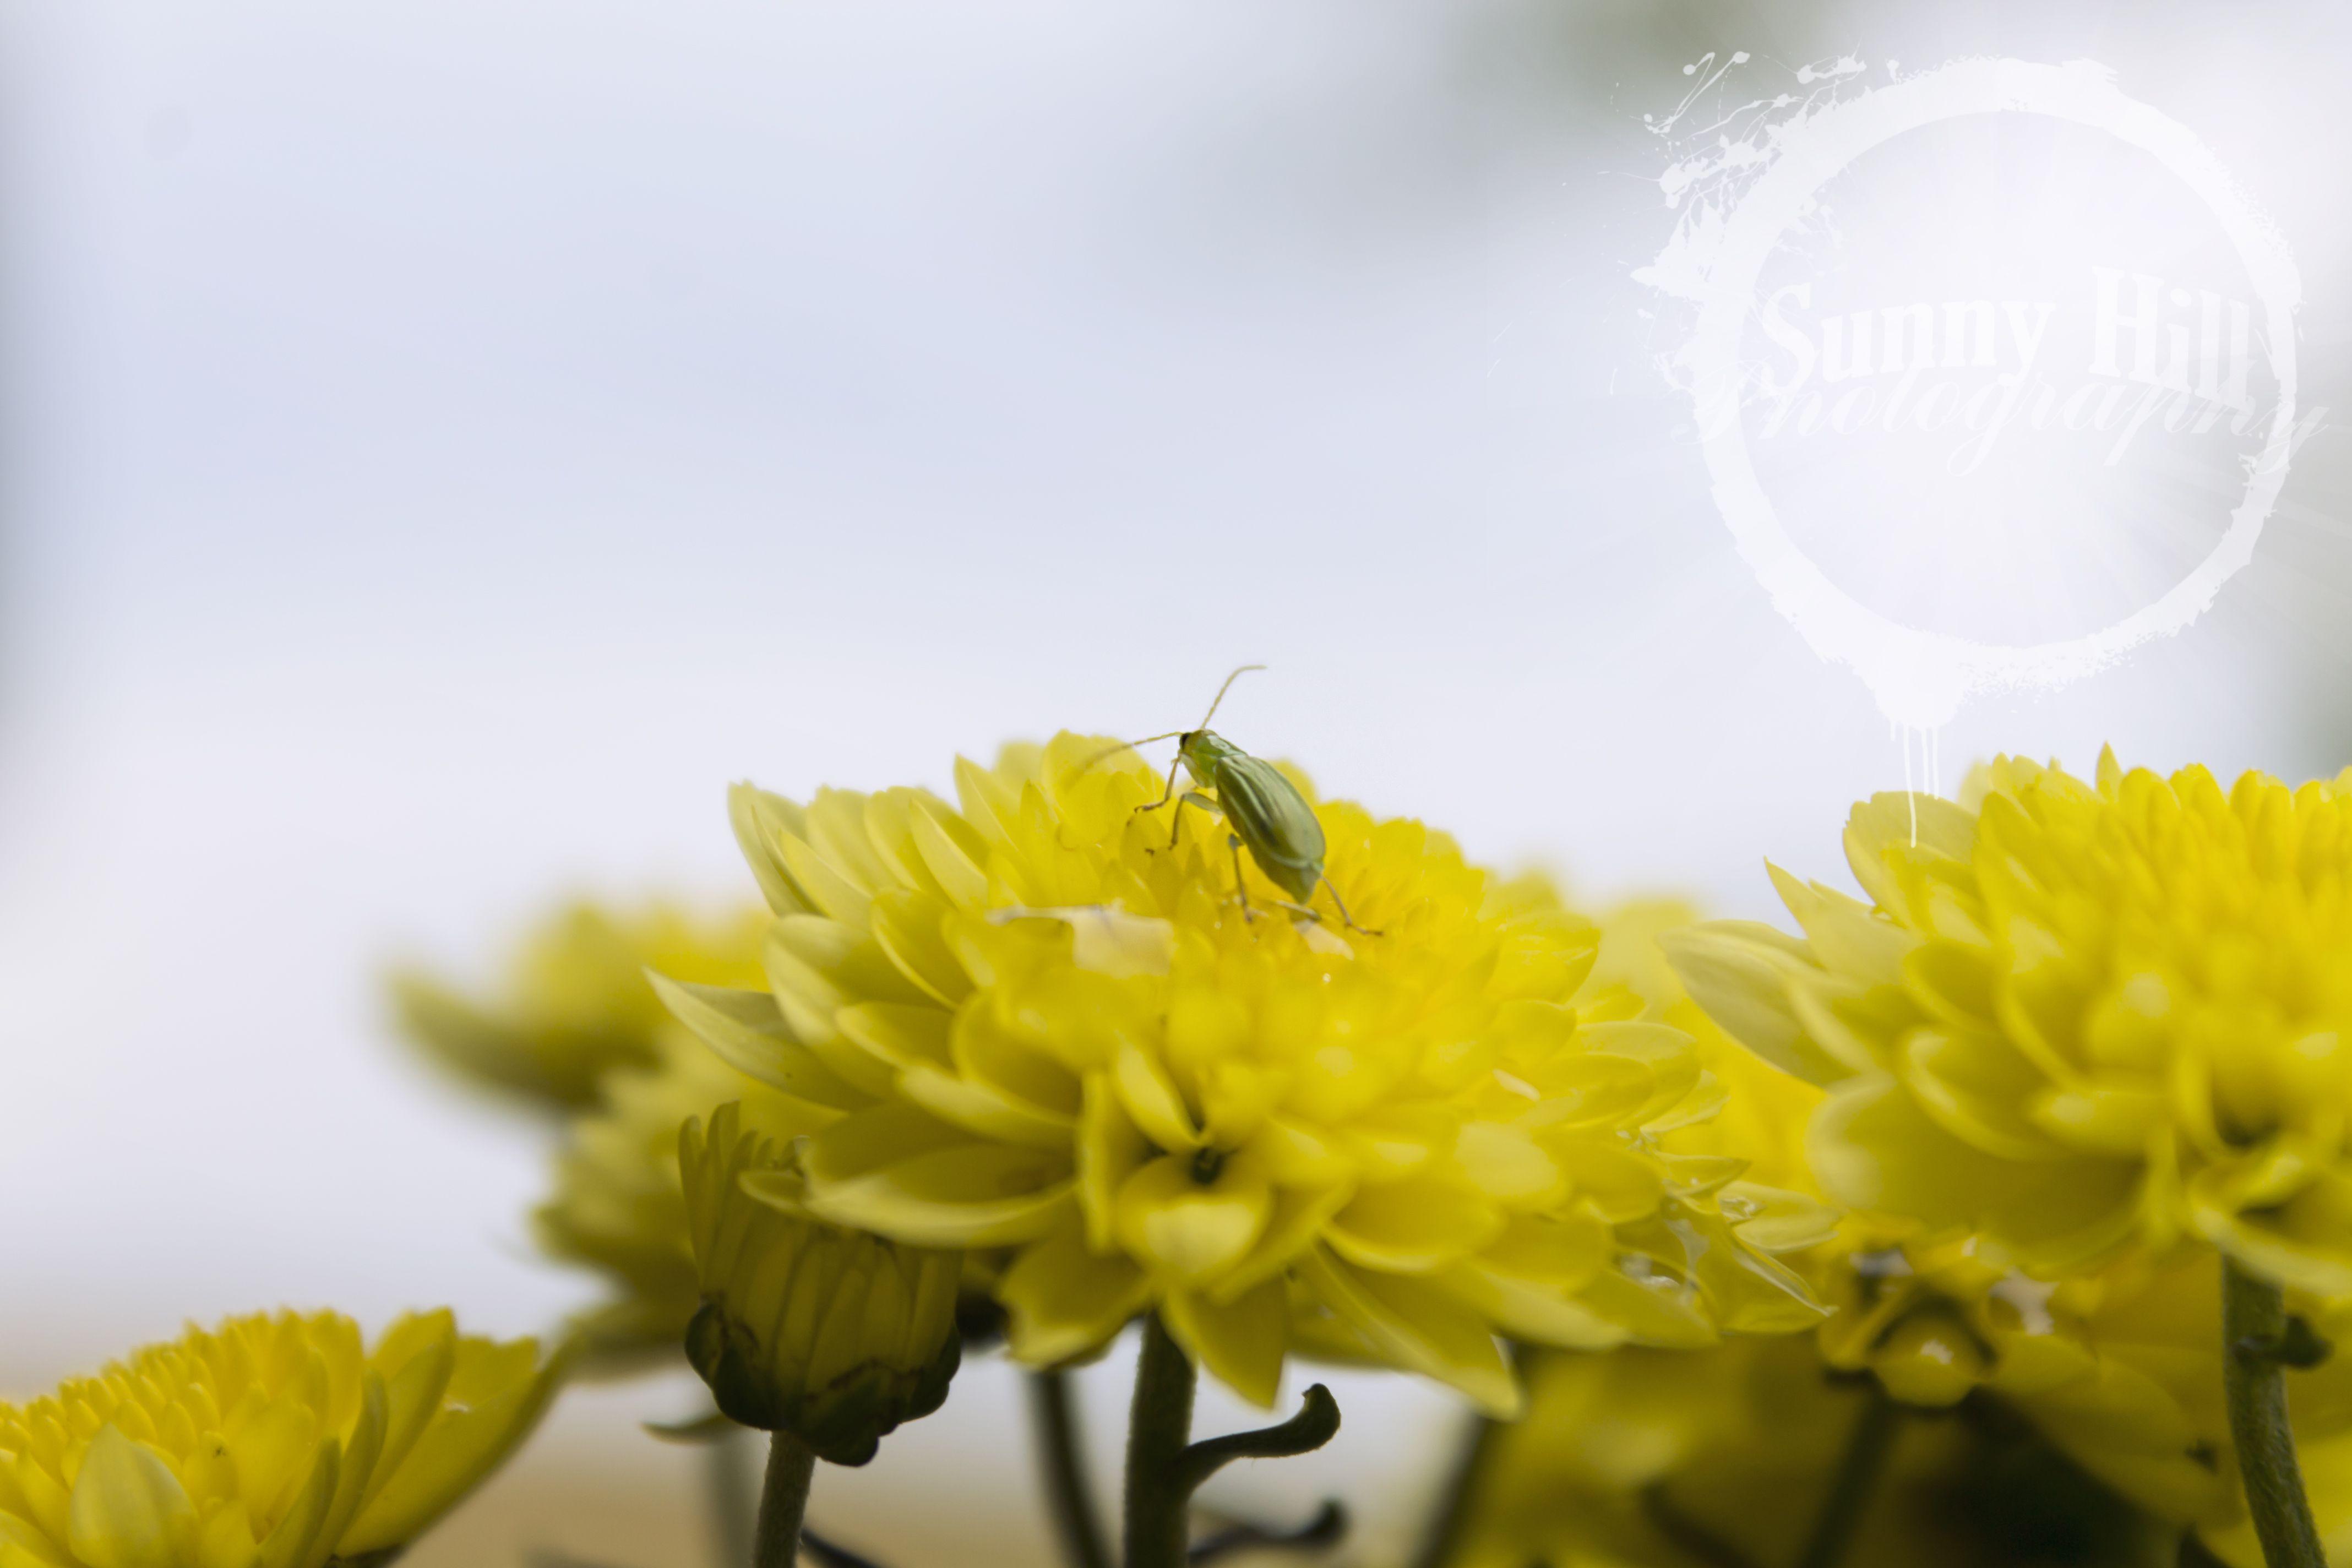 Little Green Beetle www.krista-woller.artistwebsites.com www.facebook.com/sunnyhillphotography